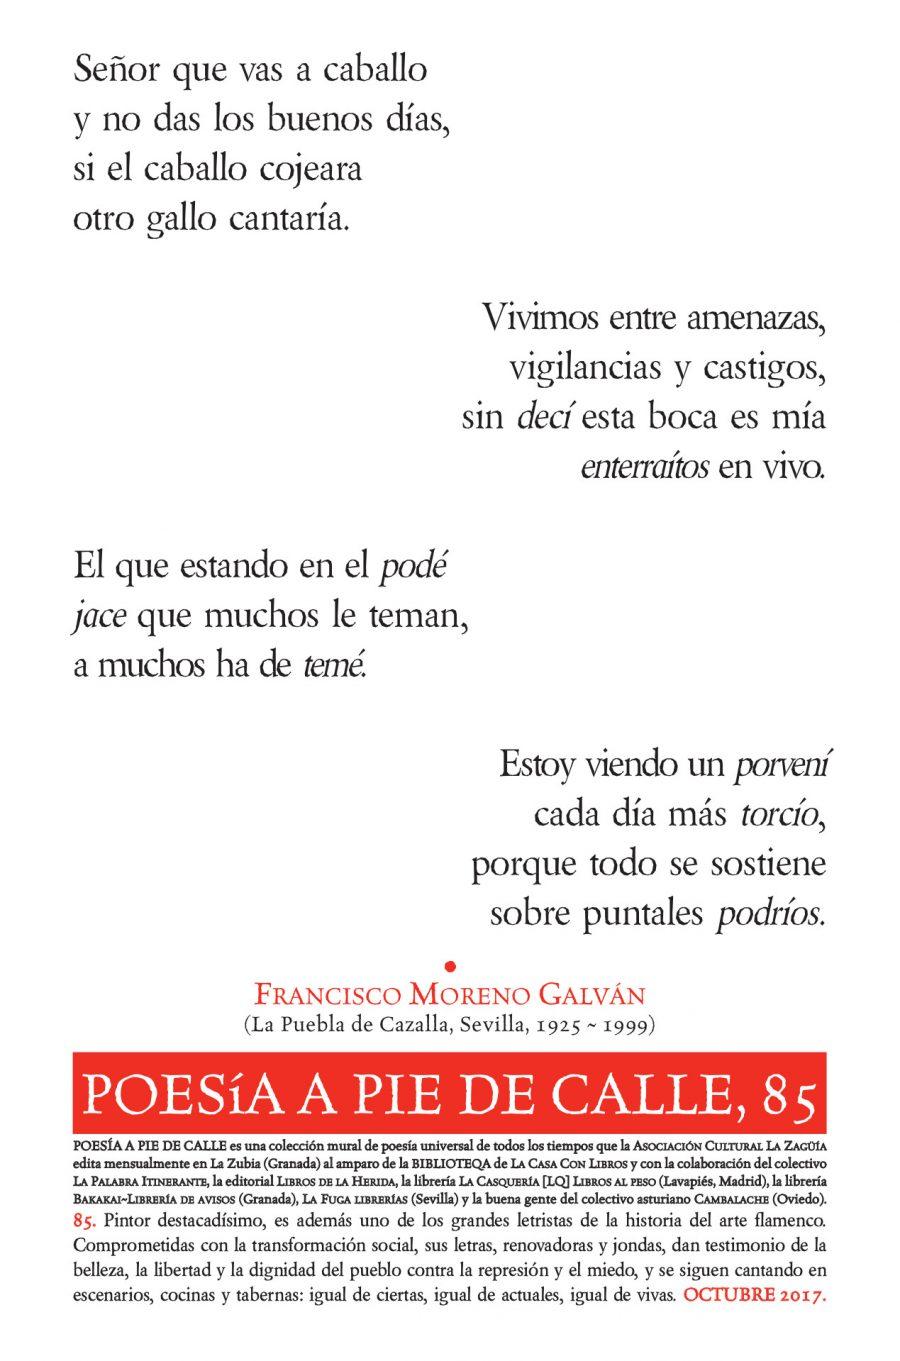 POESÍA A PIE DE CALLE, 85: CUATRO COPLAS DE FRANCISCO MORENO GALVÁN